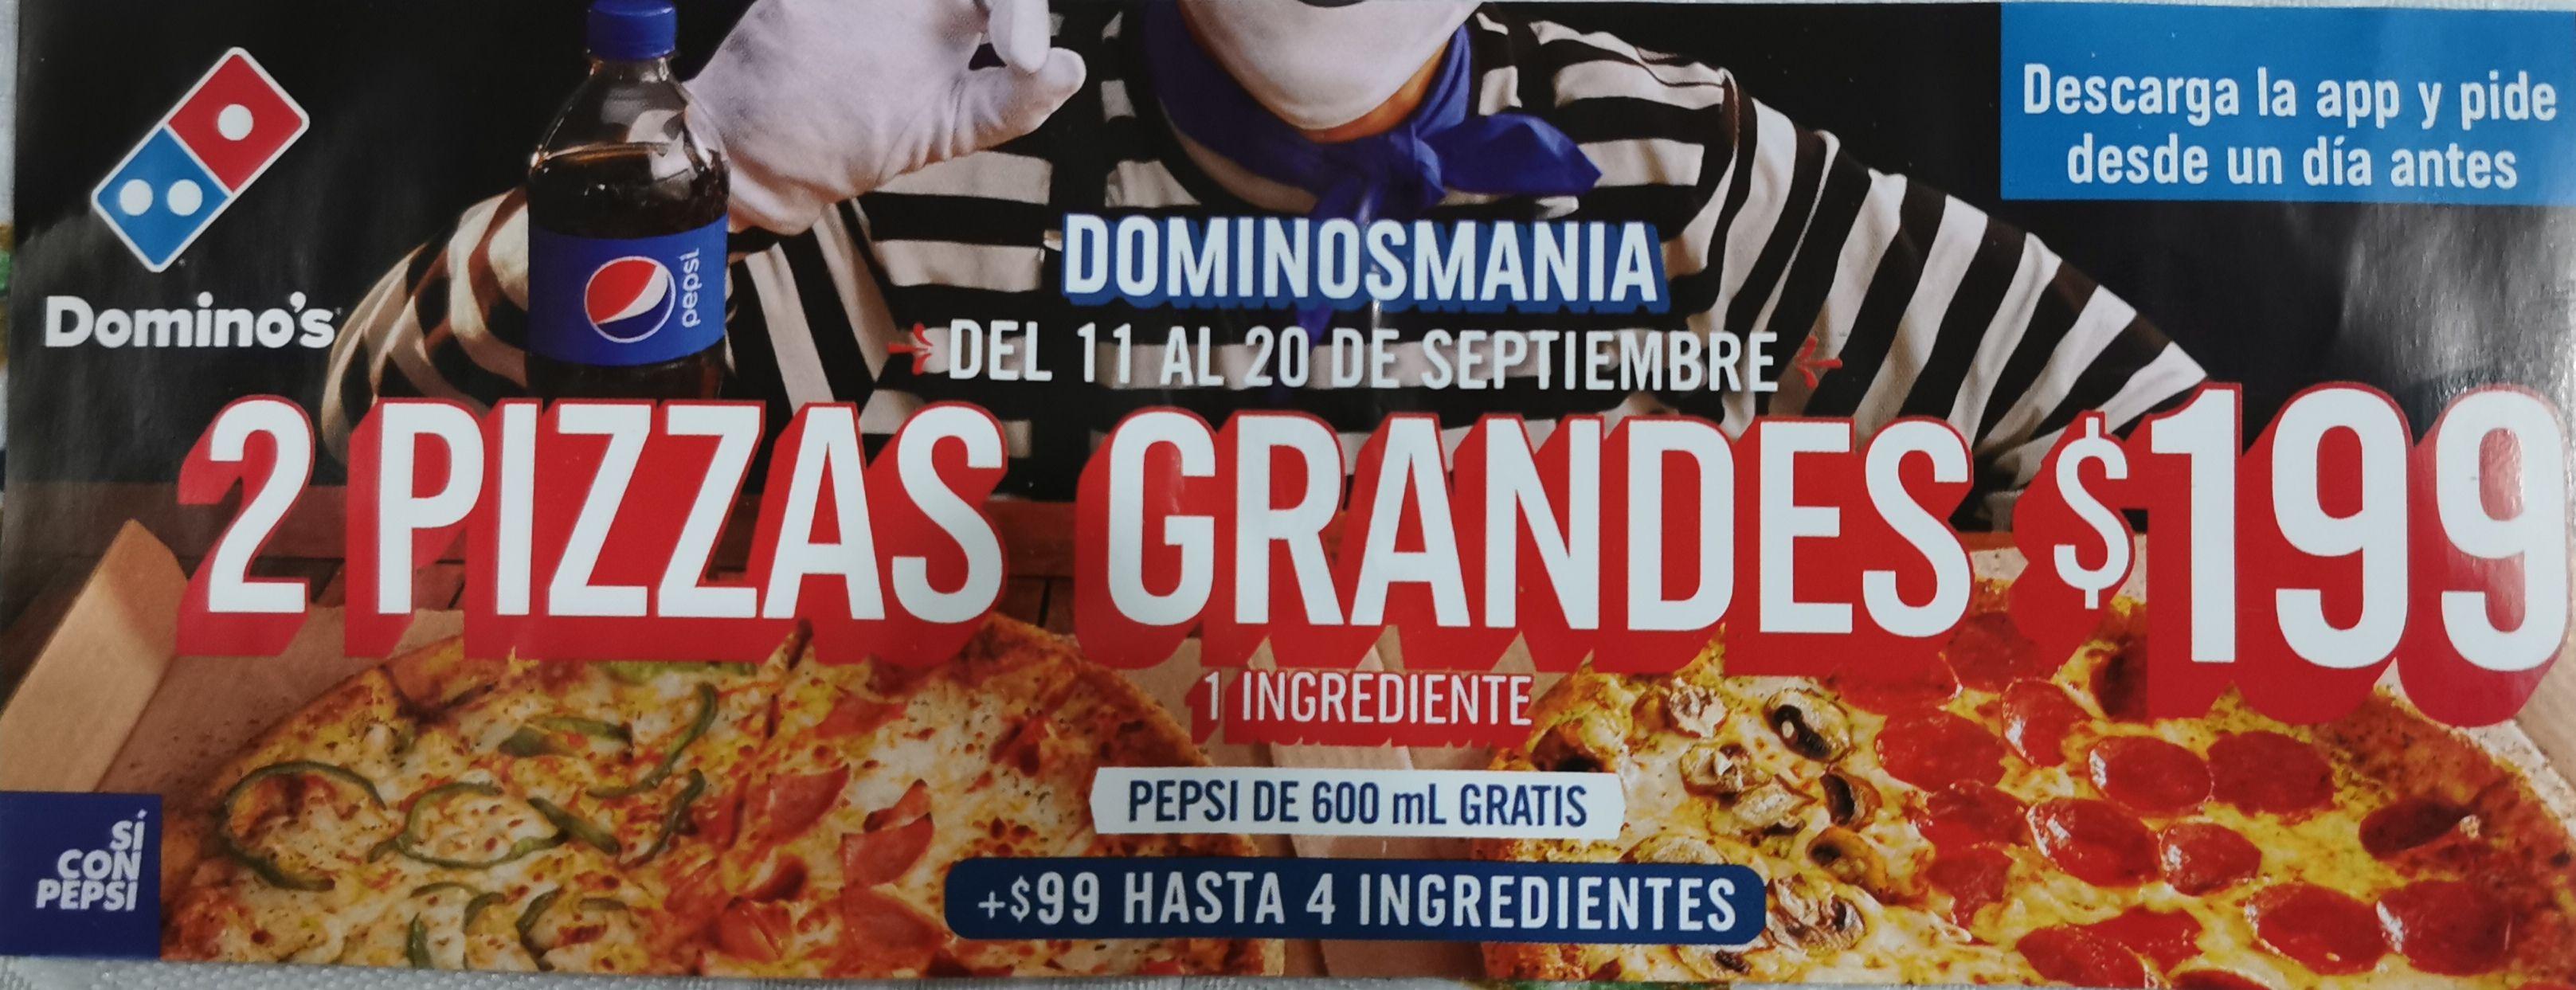 Domino's Pizza: Dominosmania de 2 pizzas grandes de 1 ingrediente por $199.00 + refresco de 600 ml. Del 11 al 20 de septiembre.